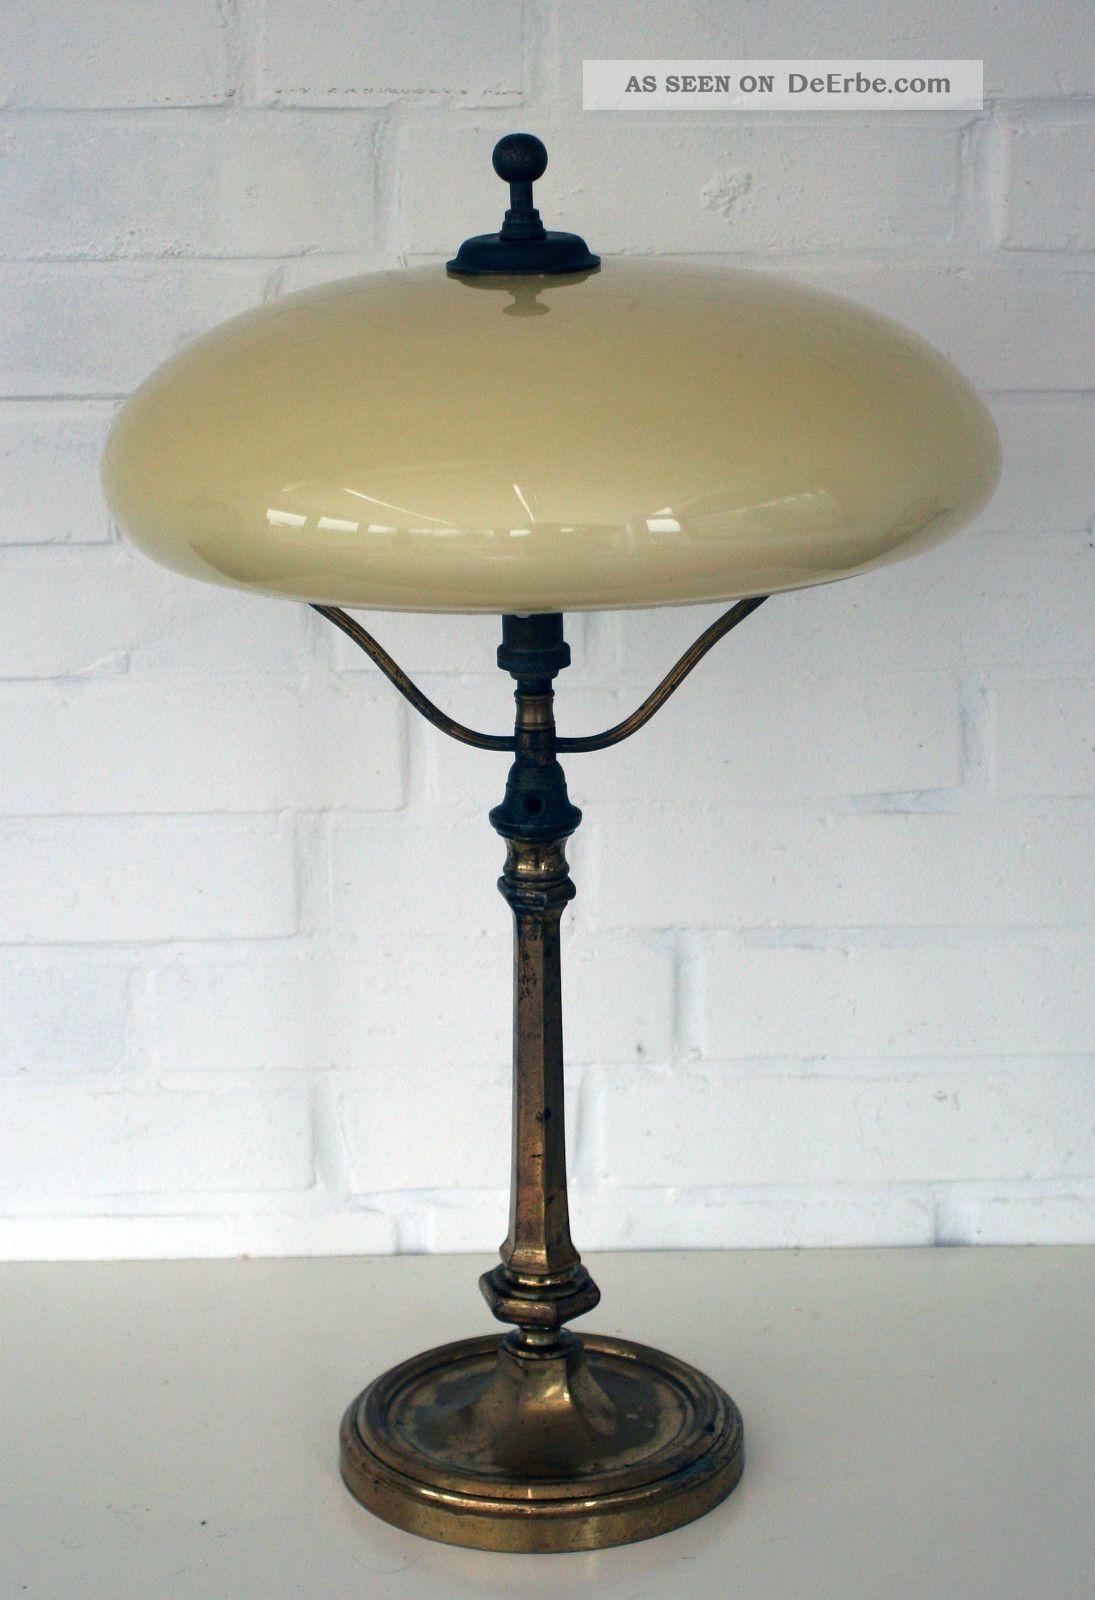 jugendstil tischlampe messing glas berliner lampe. Black Bedroom Furniture Sets. Home Design Ideas